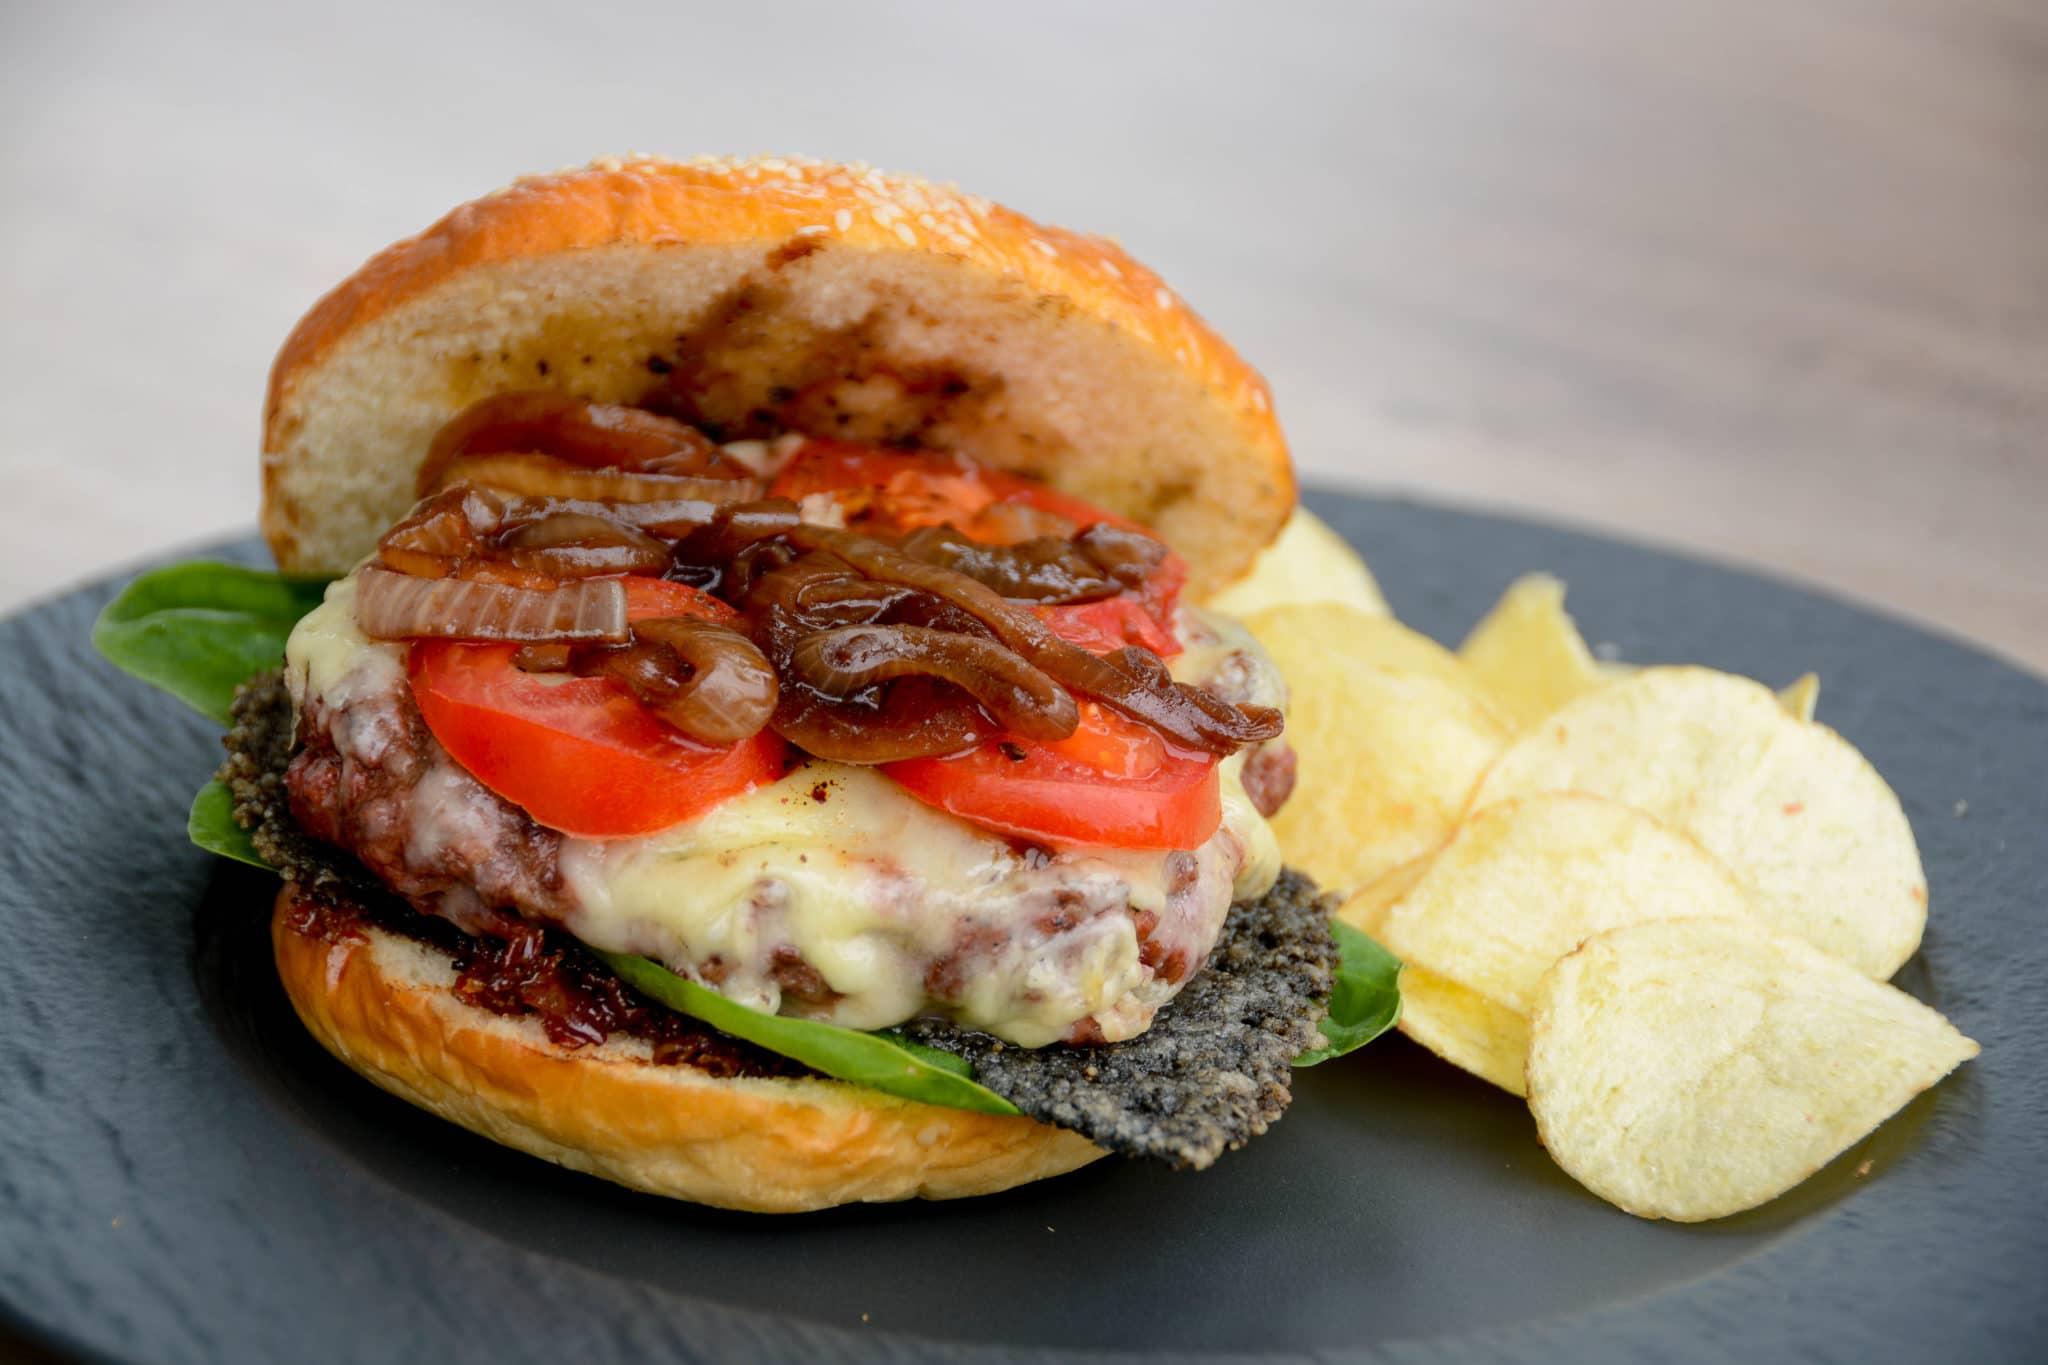 Leckerer Burger mit frischem Balsamico Zwiebel Topping